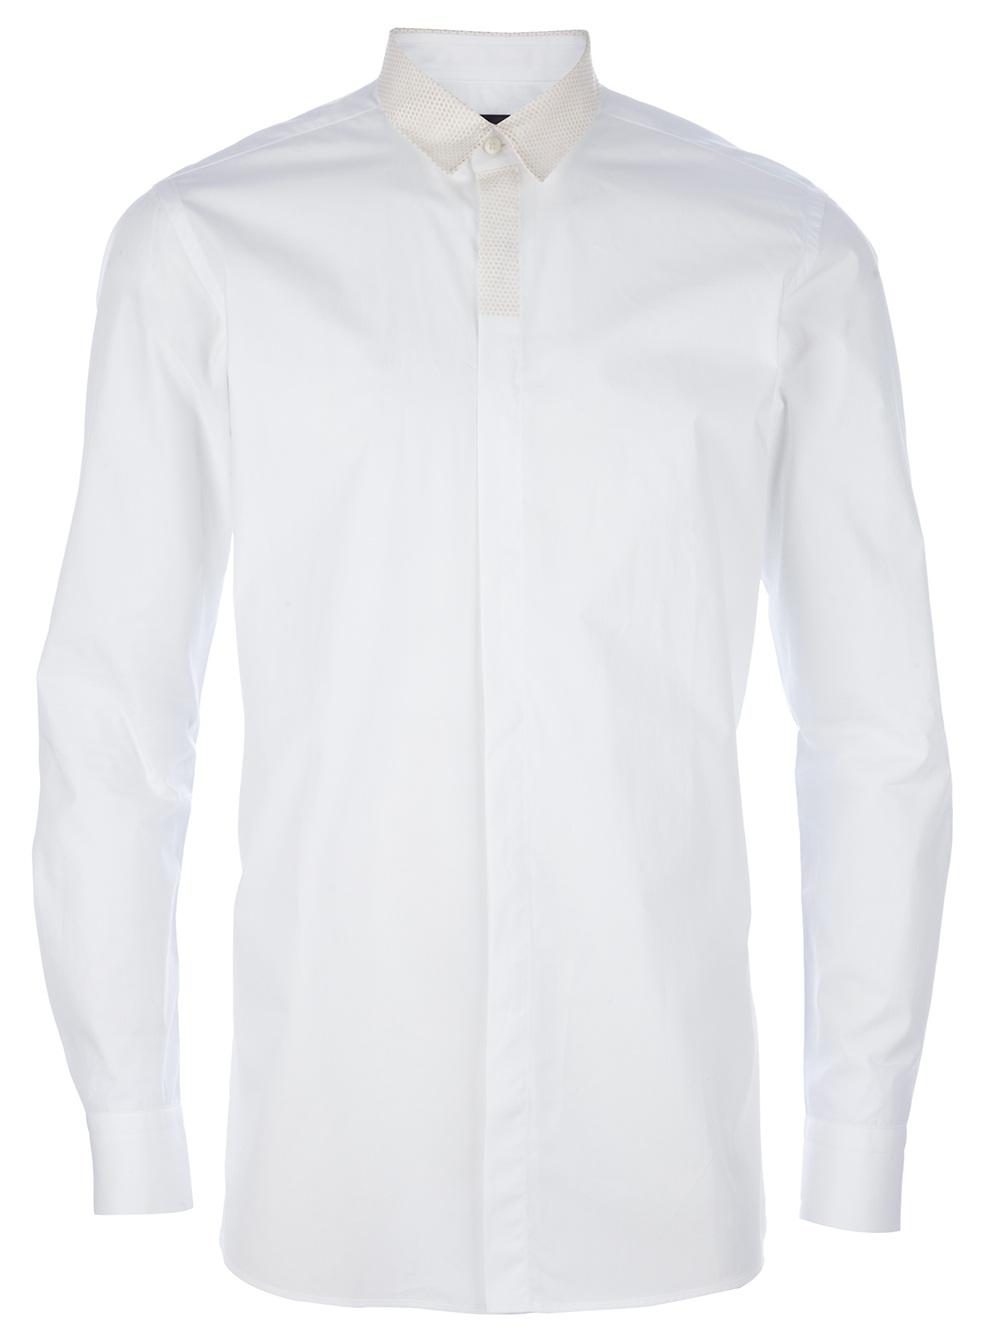 Fendi Long Sleeve Dress Shirt In White For Men Lyst